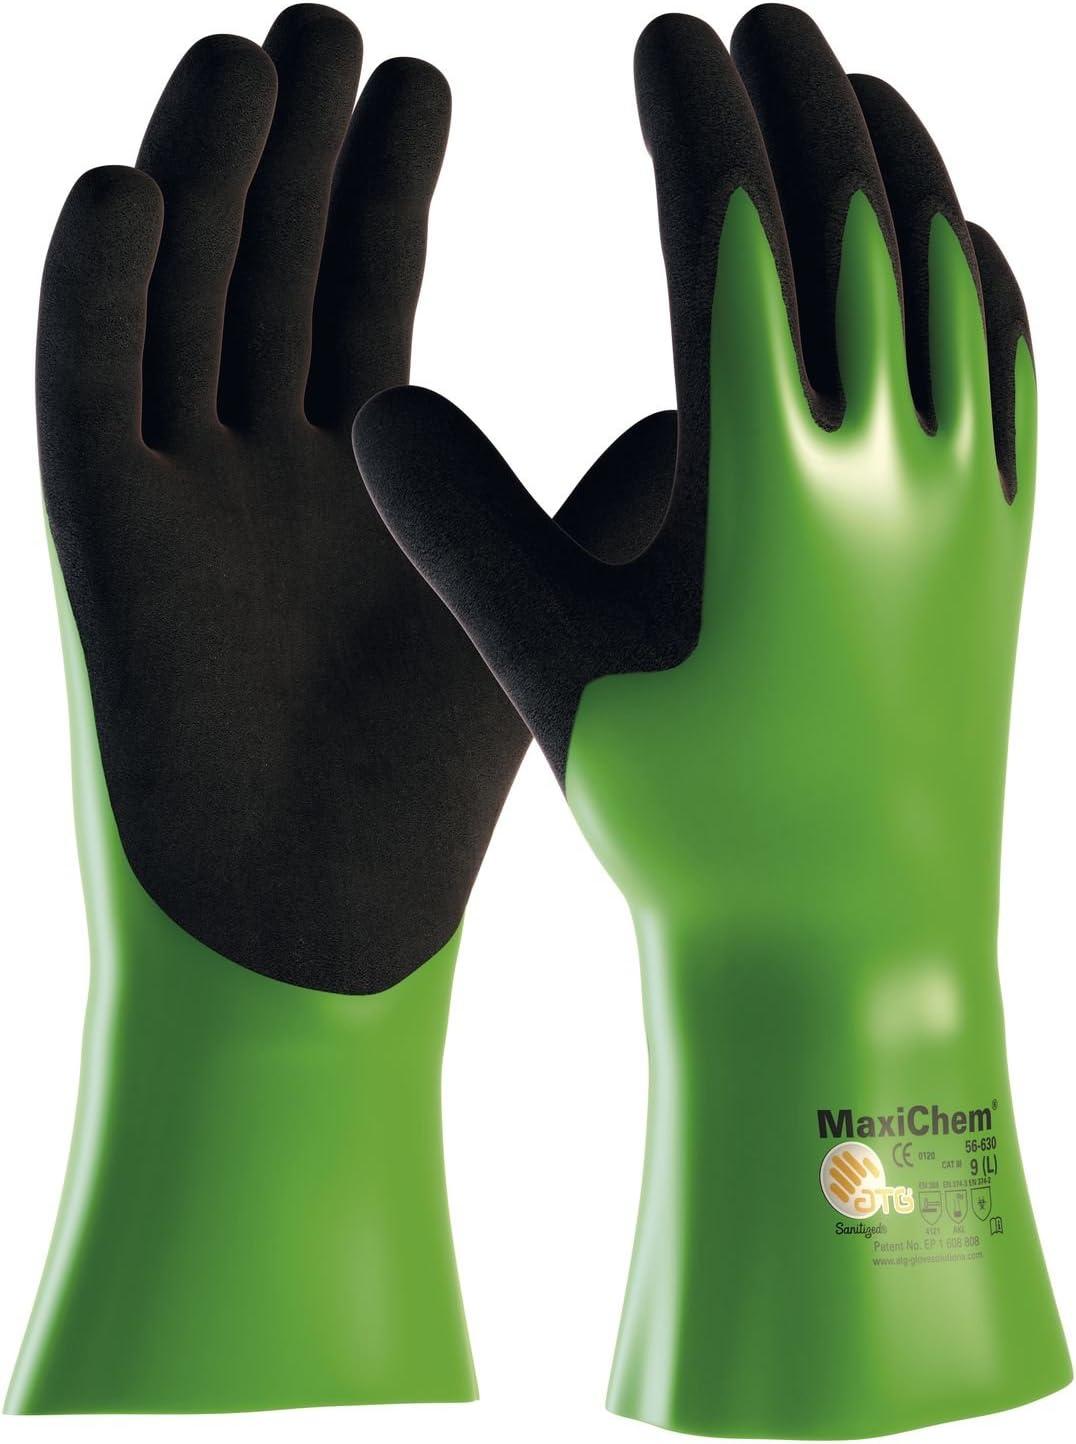 Guantes de protección química STAFFL johanesburgo MaxiChem 630 EN 374 categoría III, gran 10, 131915